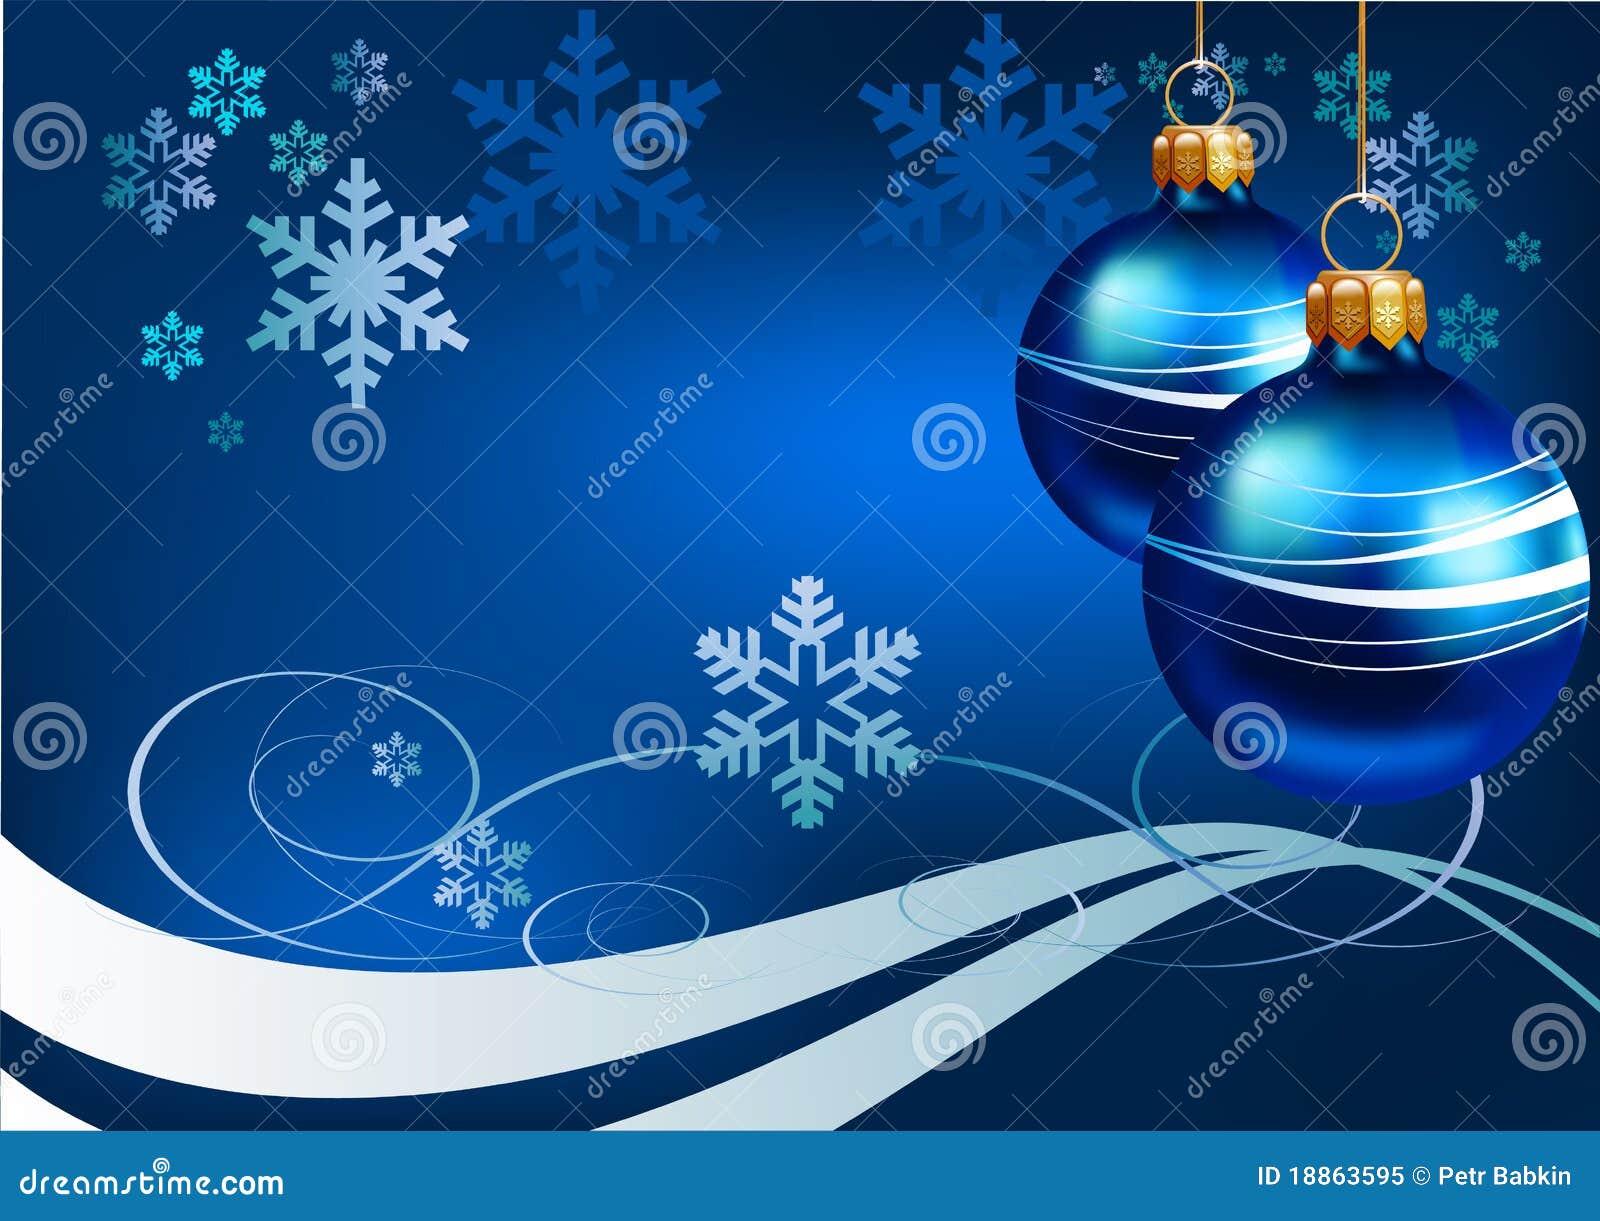 weihnachten blauer hintergrund vektor abbildung bild. Black Bedroom Furniture Sets. Home Design Ideas